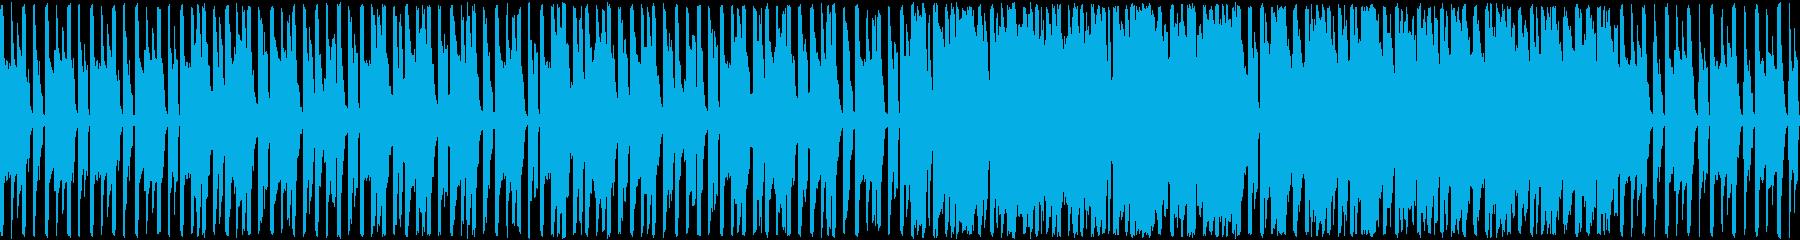 のんびりほのぼのなとのさま蛙のような楽曲の再生済みの波形